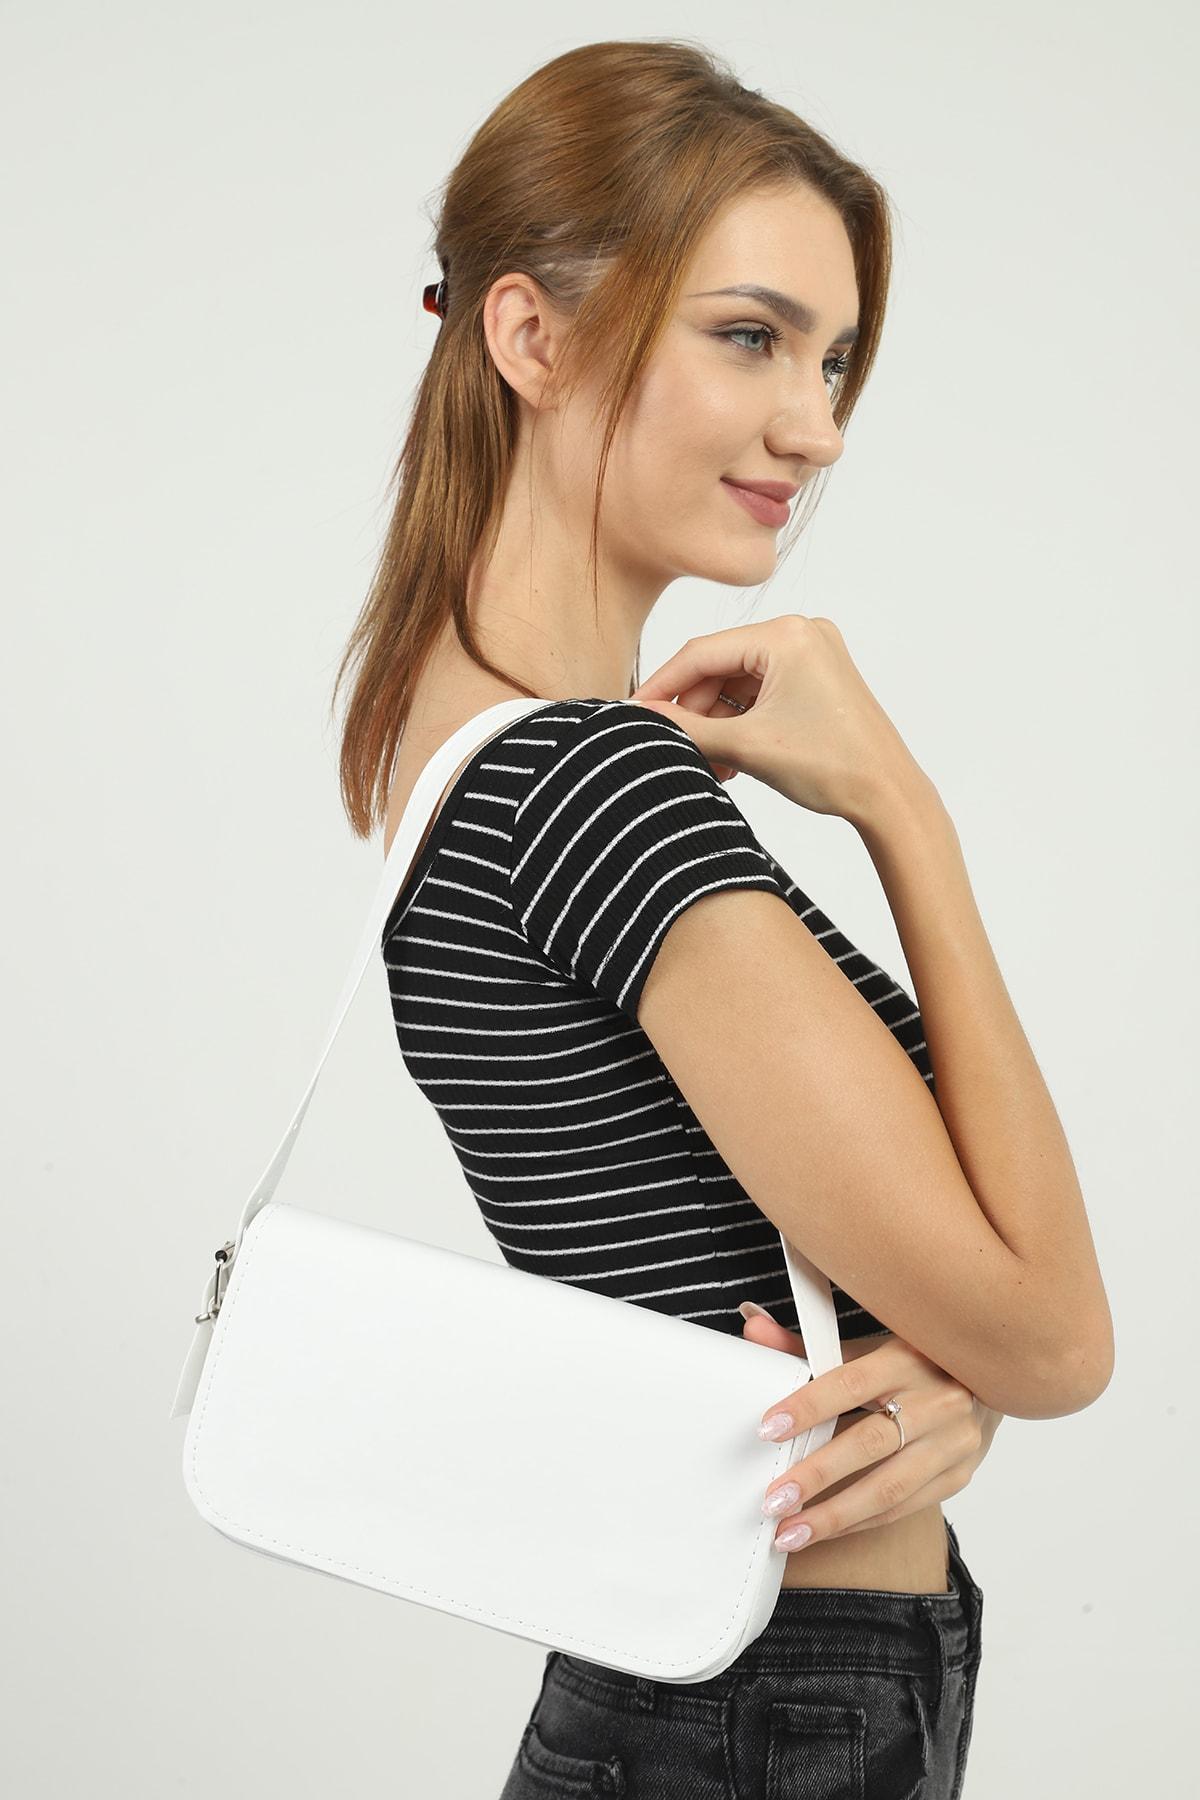 Beyaz Kapaklı Baget Çanta 27x15 Cm